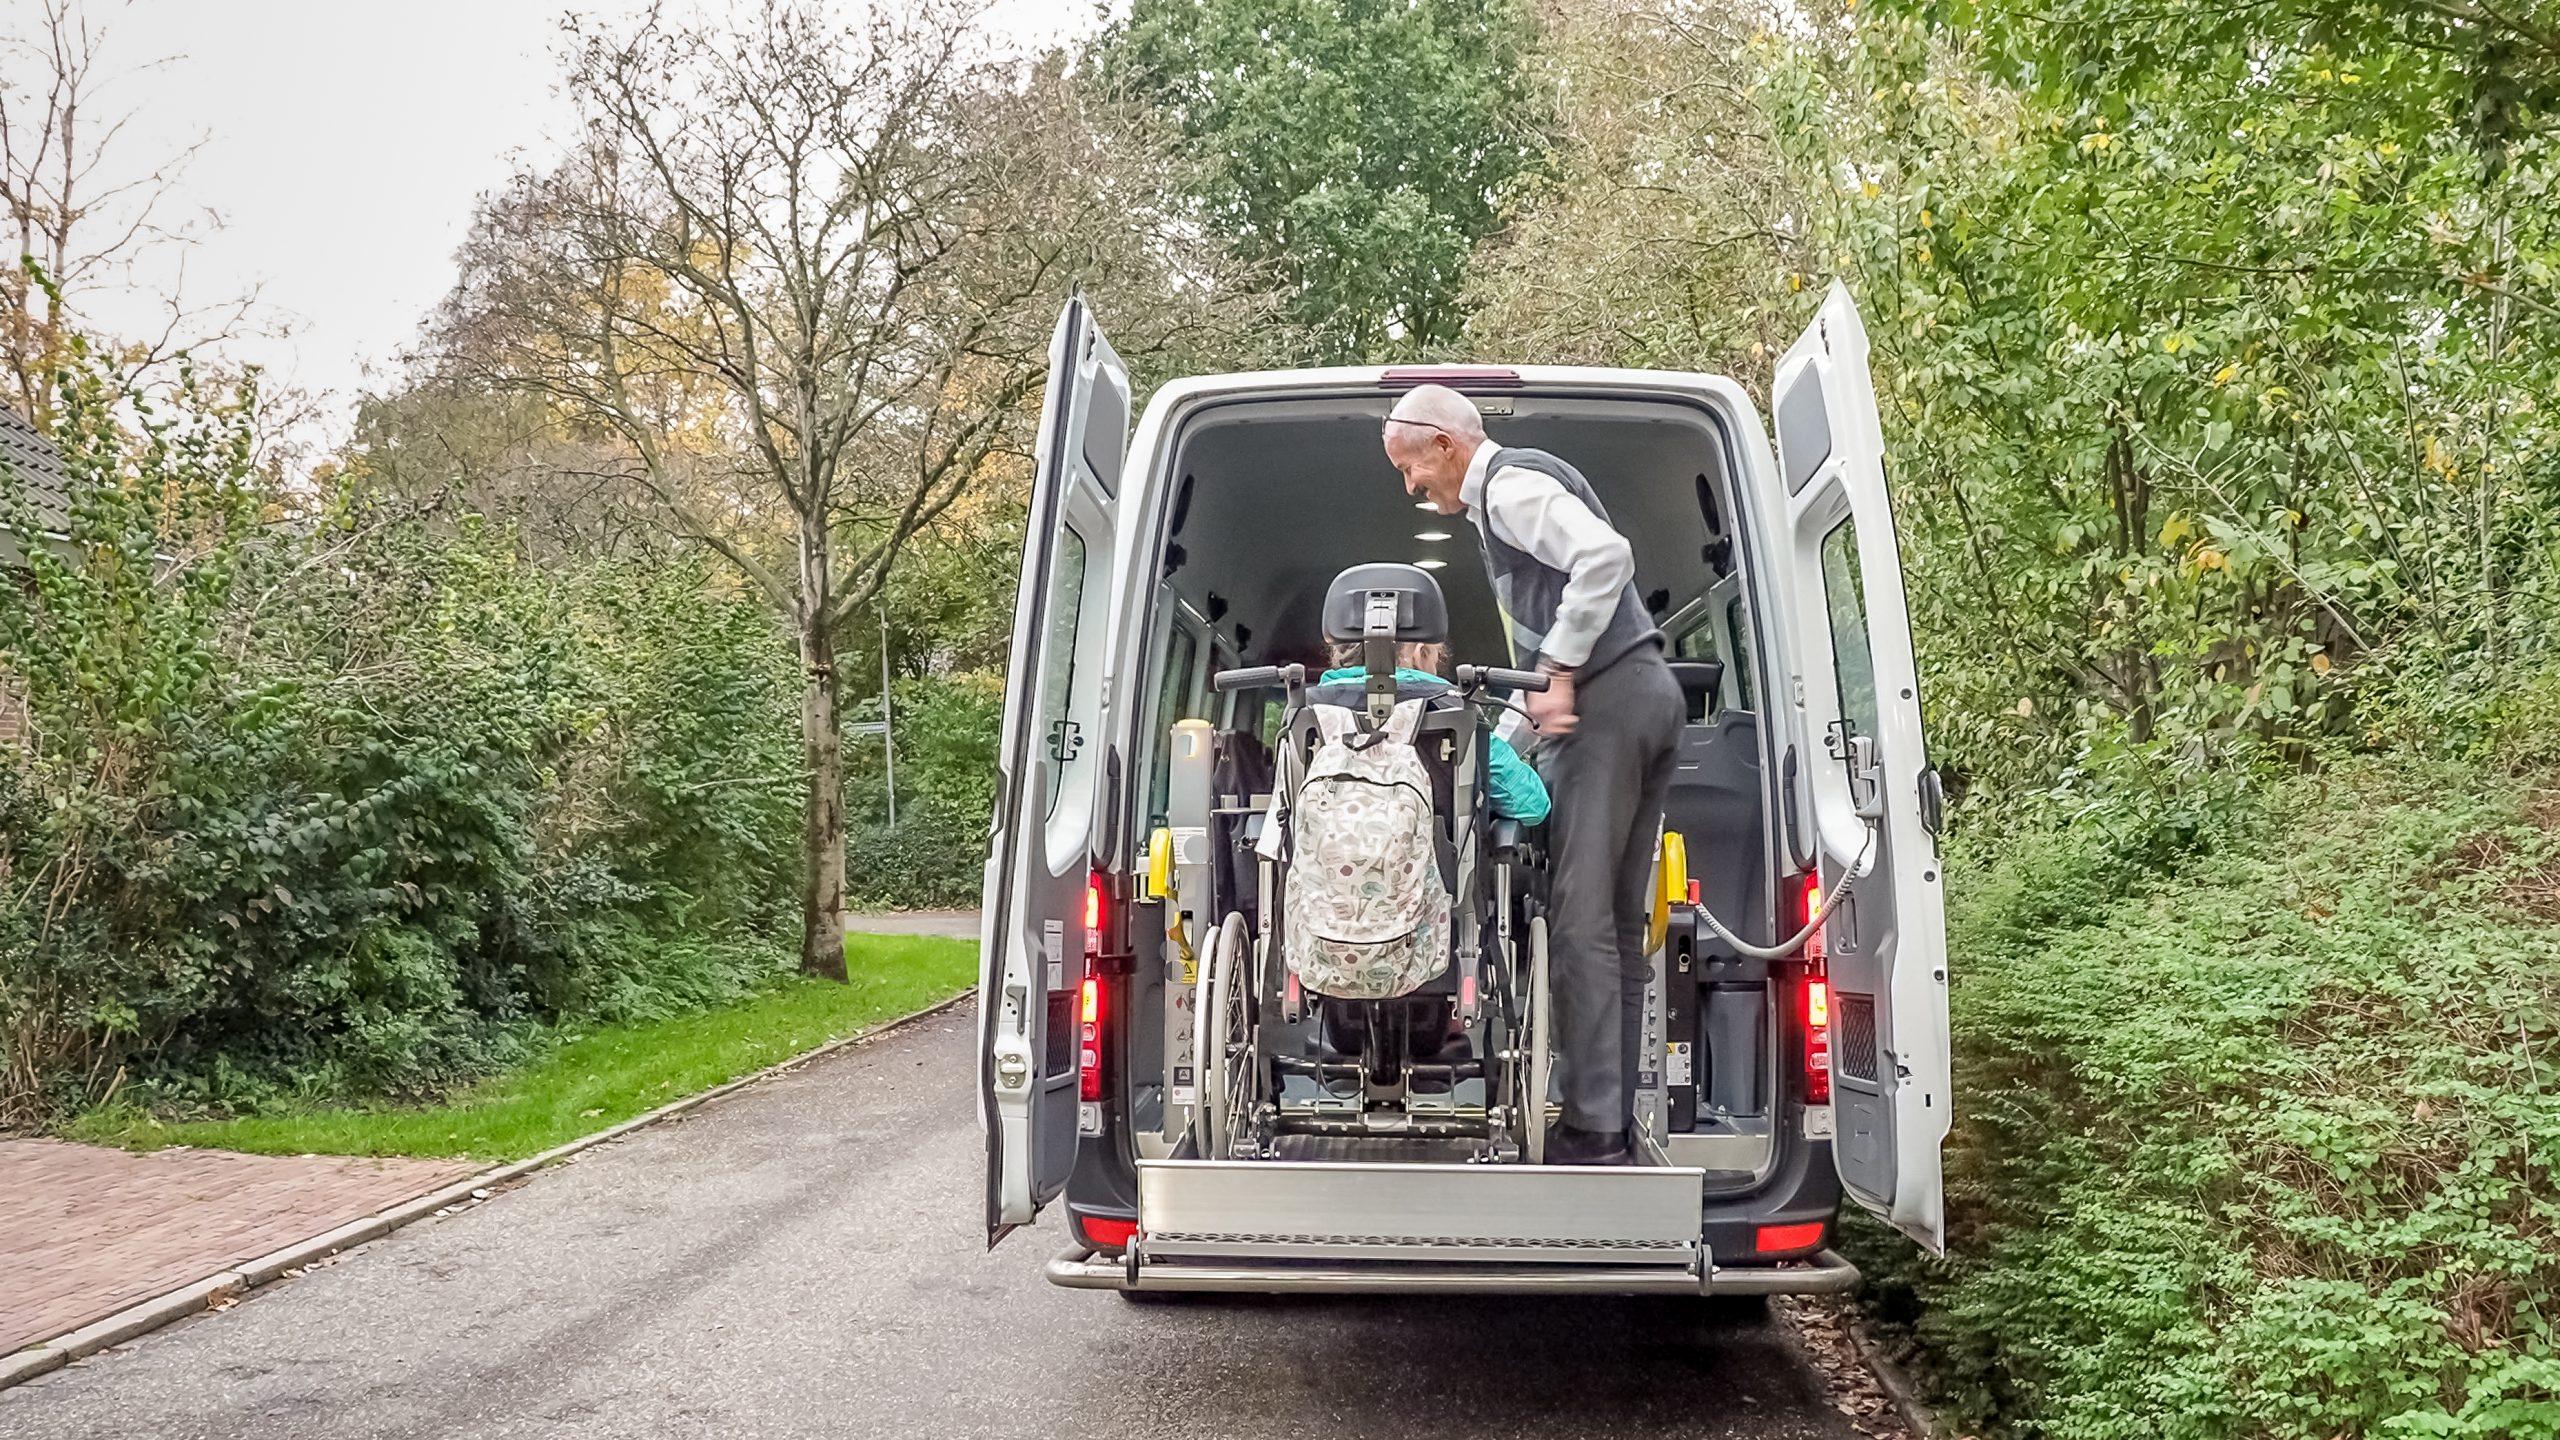 Moederbedrijf failliet Cibatax aansprakelijk voor 1,2 miljoen euro schade - TaxiPro.nl